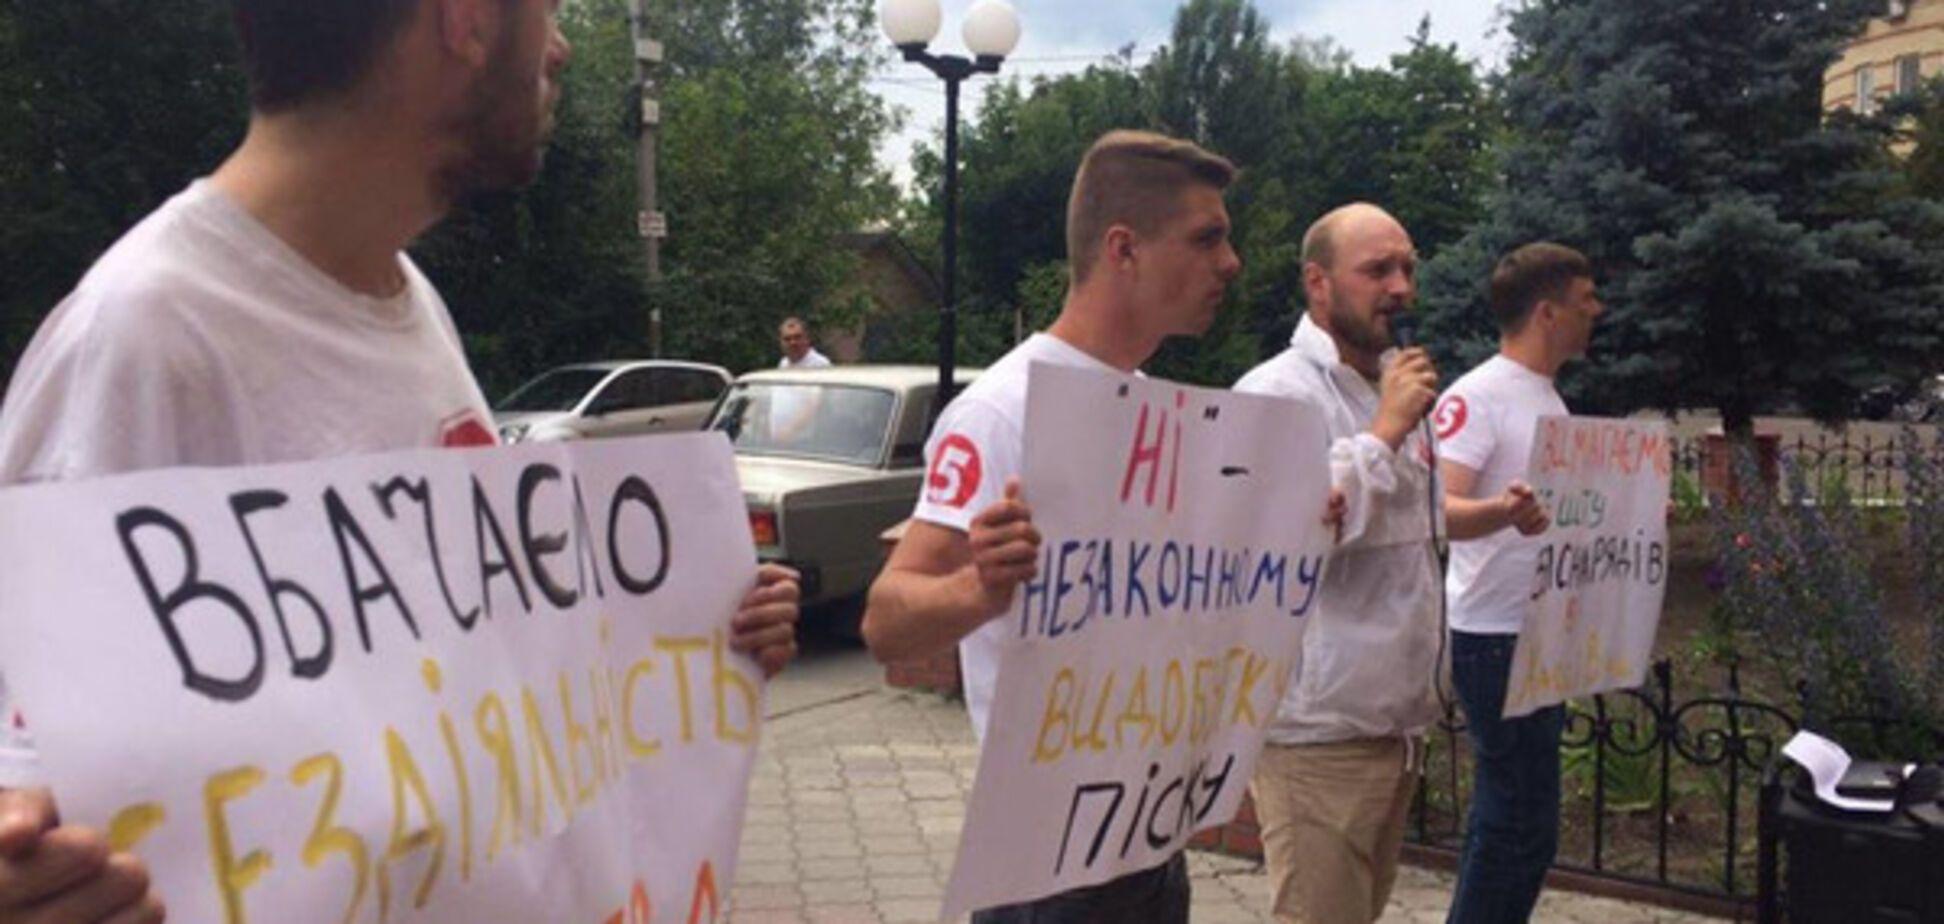 'Полиция саботирует работу!' Борцы с ворами песка устроили пикет под Киевом